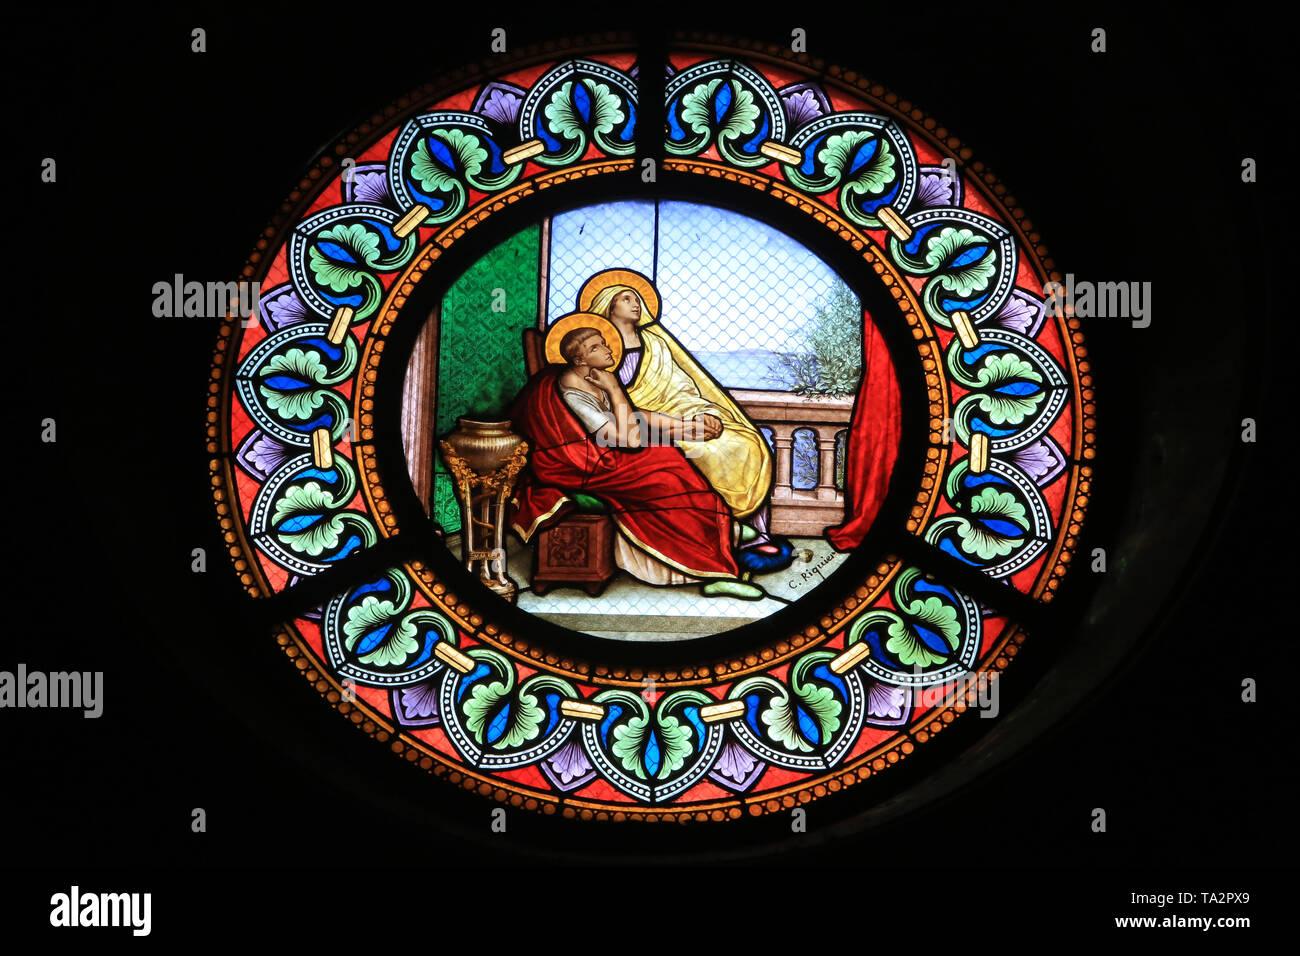 Saint-Augustin et sa mère Monique. Eglise Cook. Saint-Cloud. Stockbild